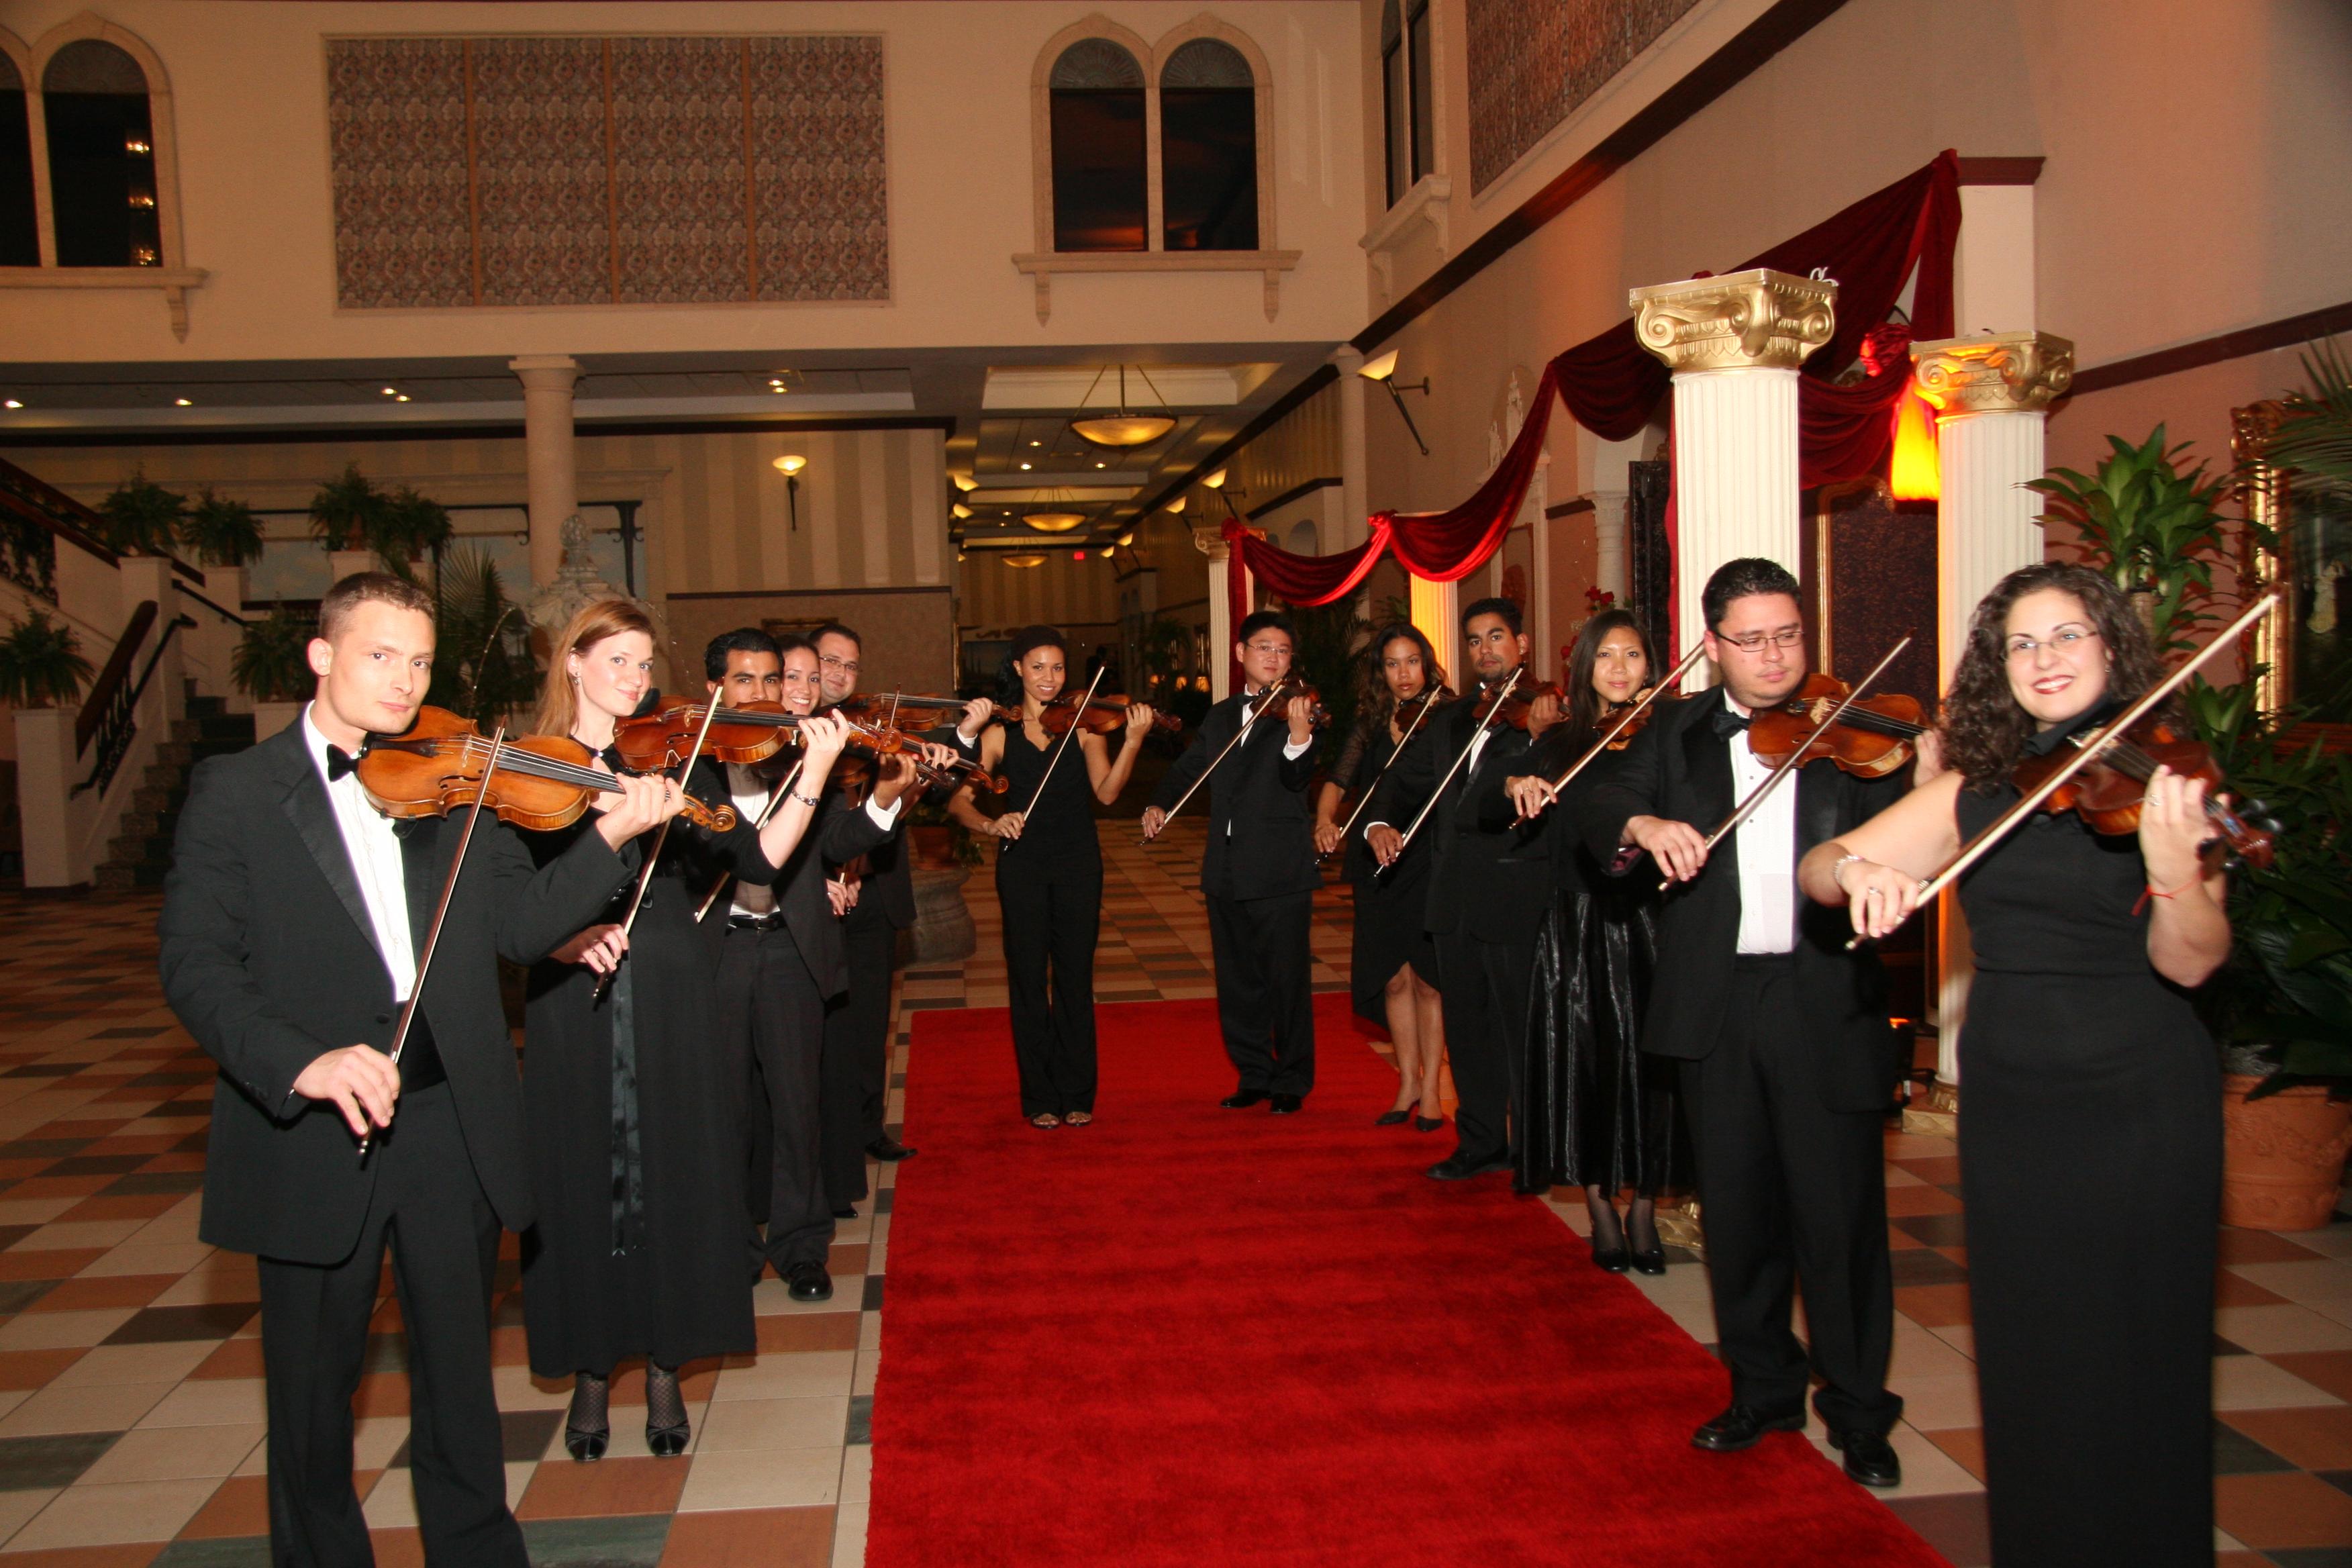 Violin entrance